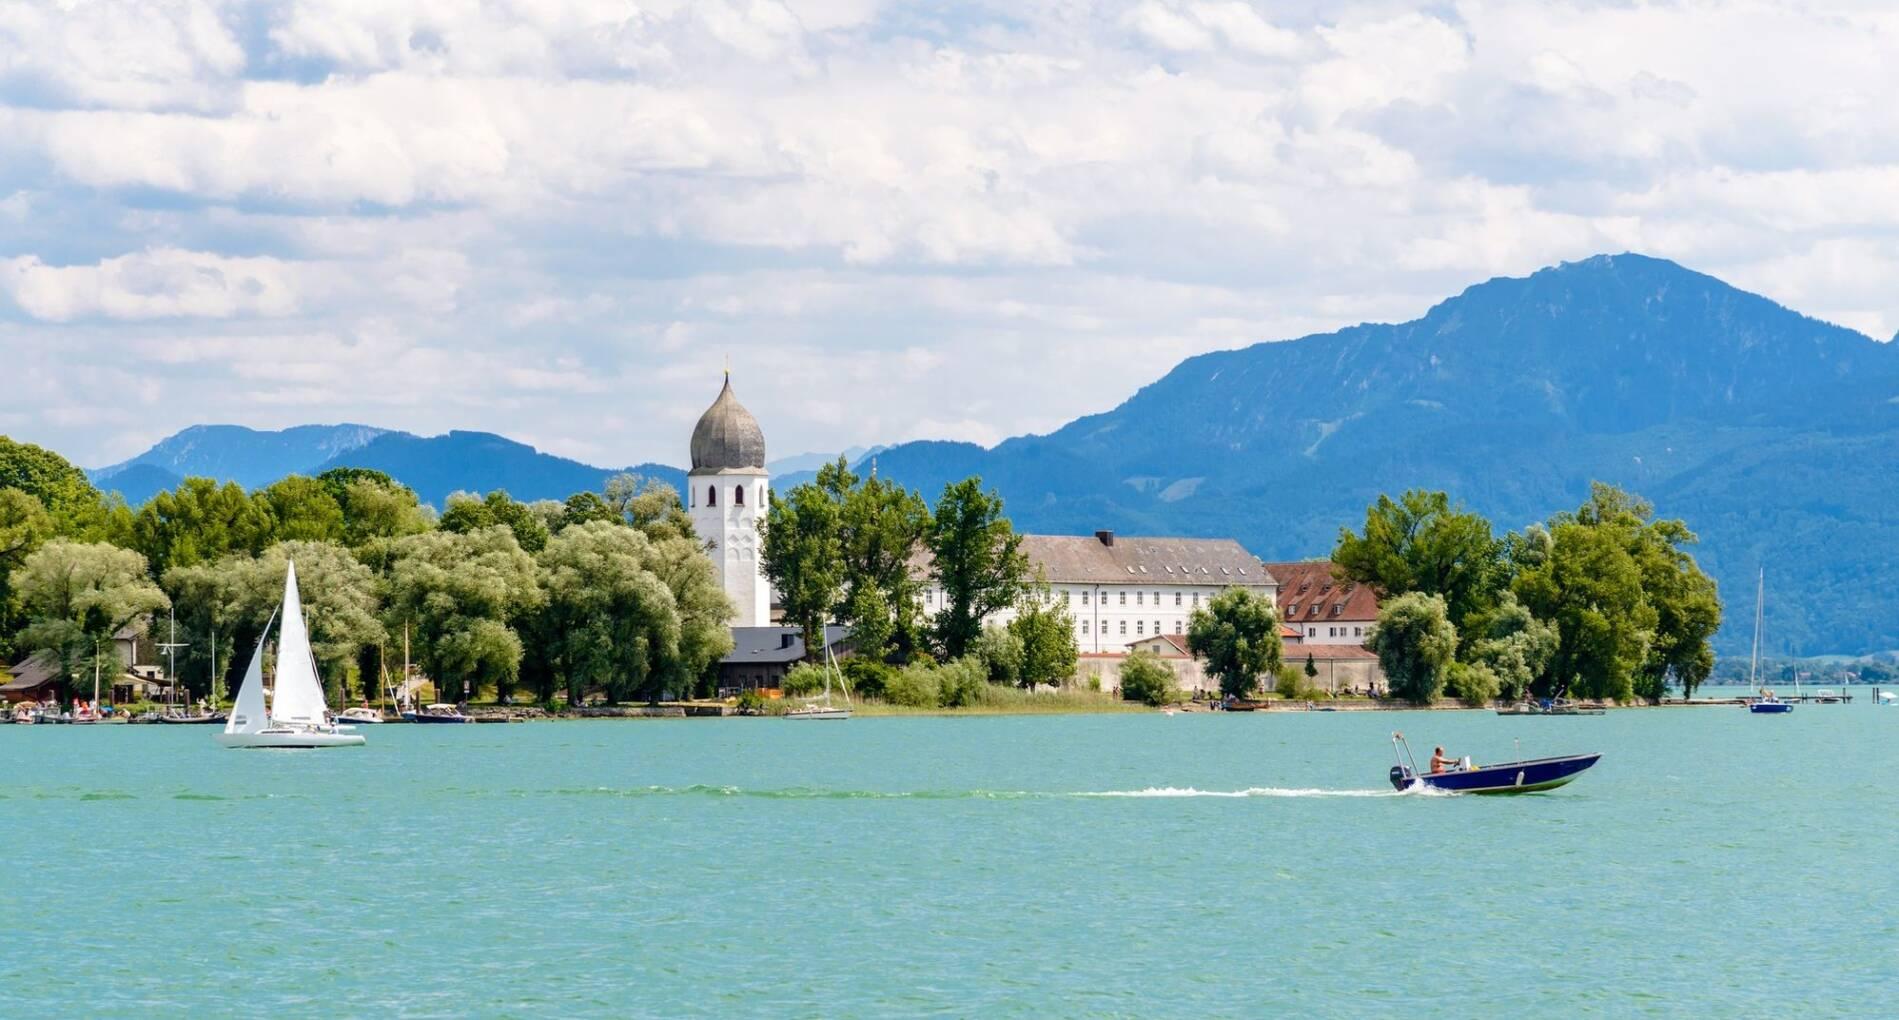 Fietsreis Chiemsee & Zell am See - Oostenrijk - 1